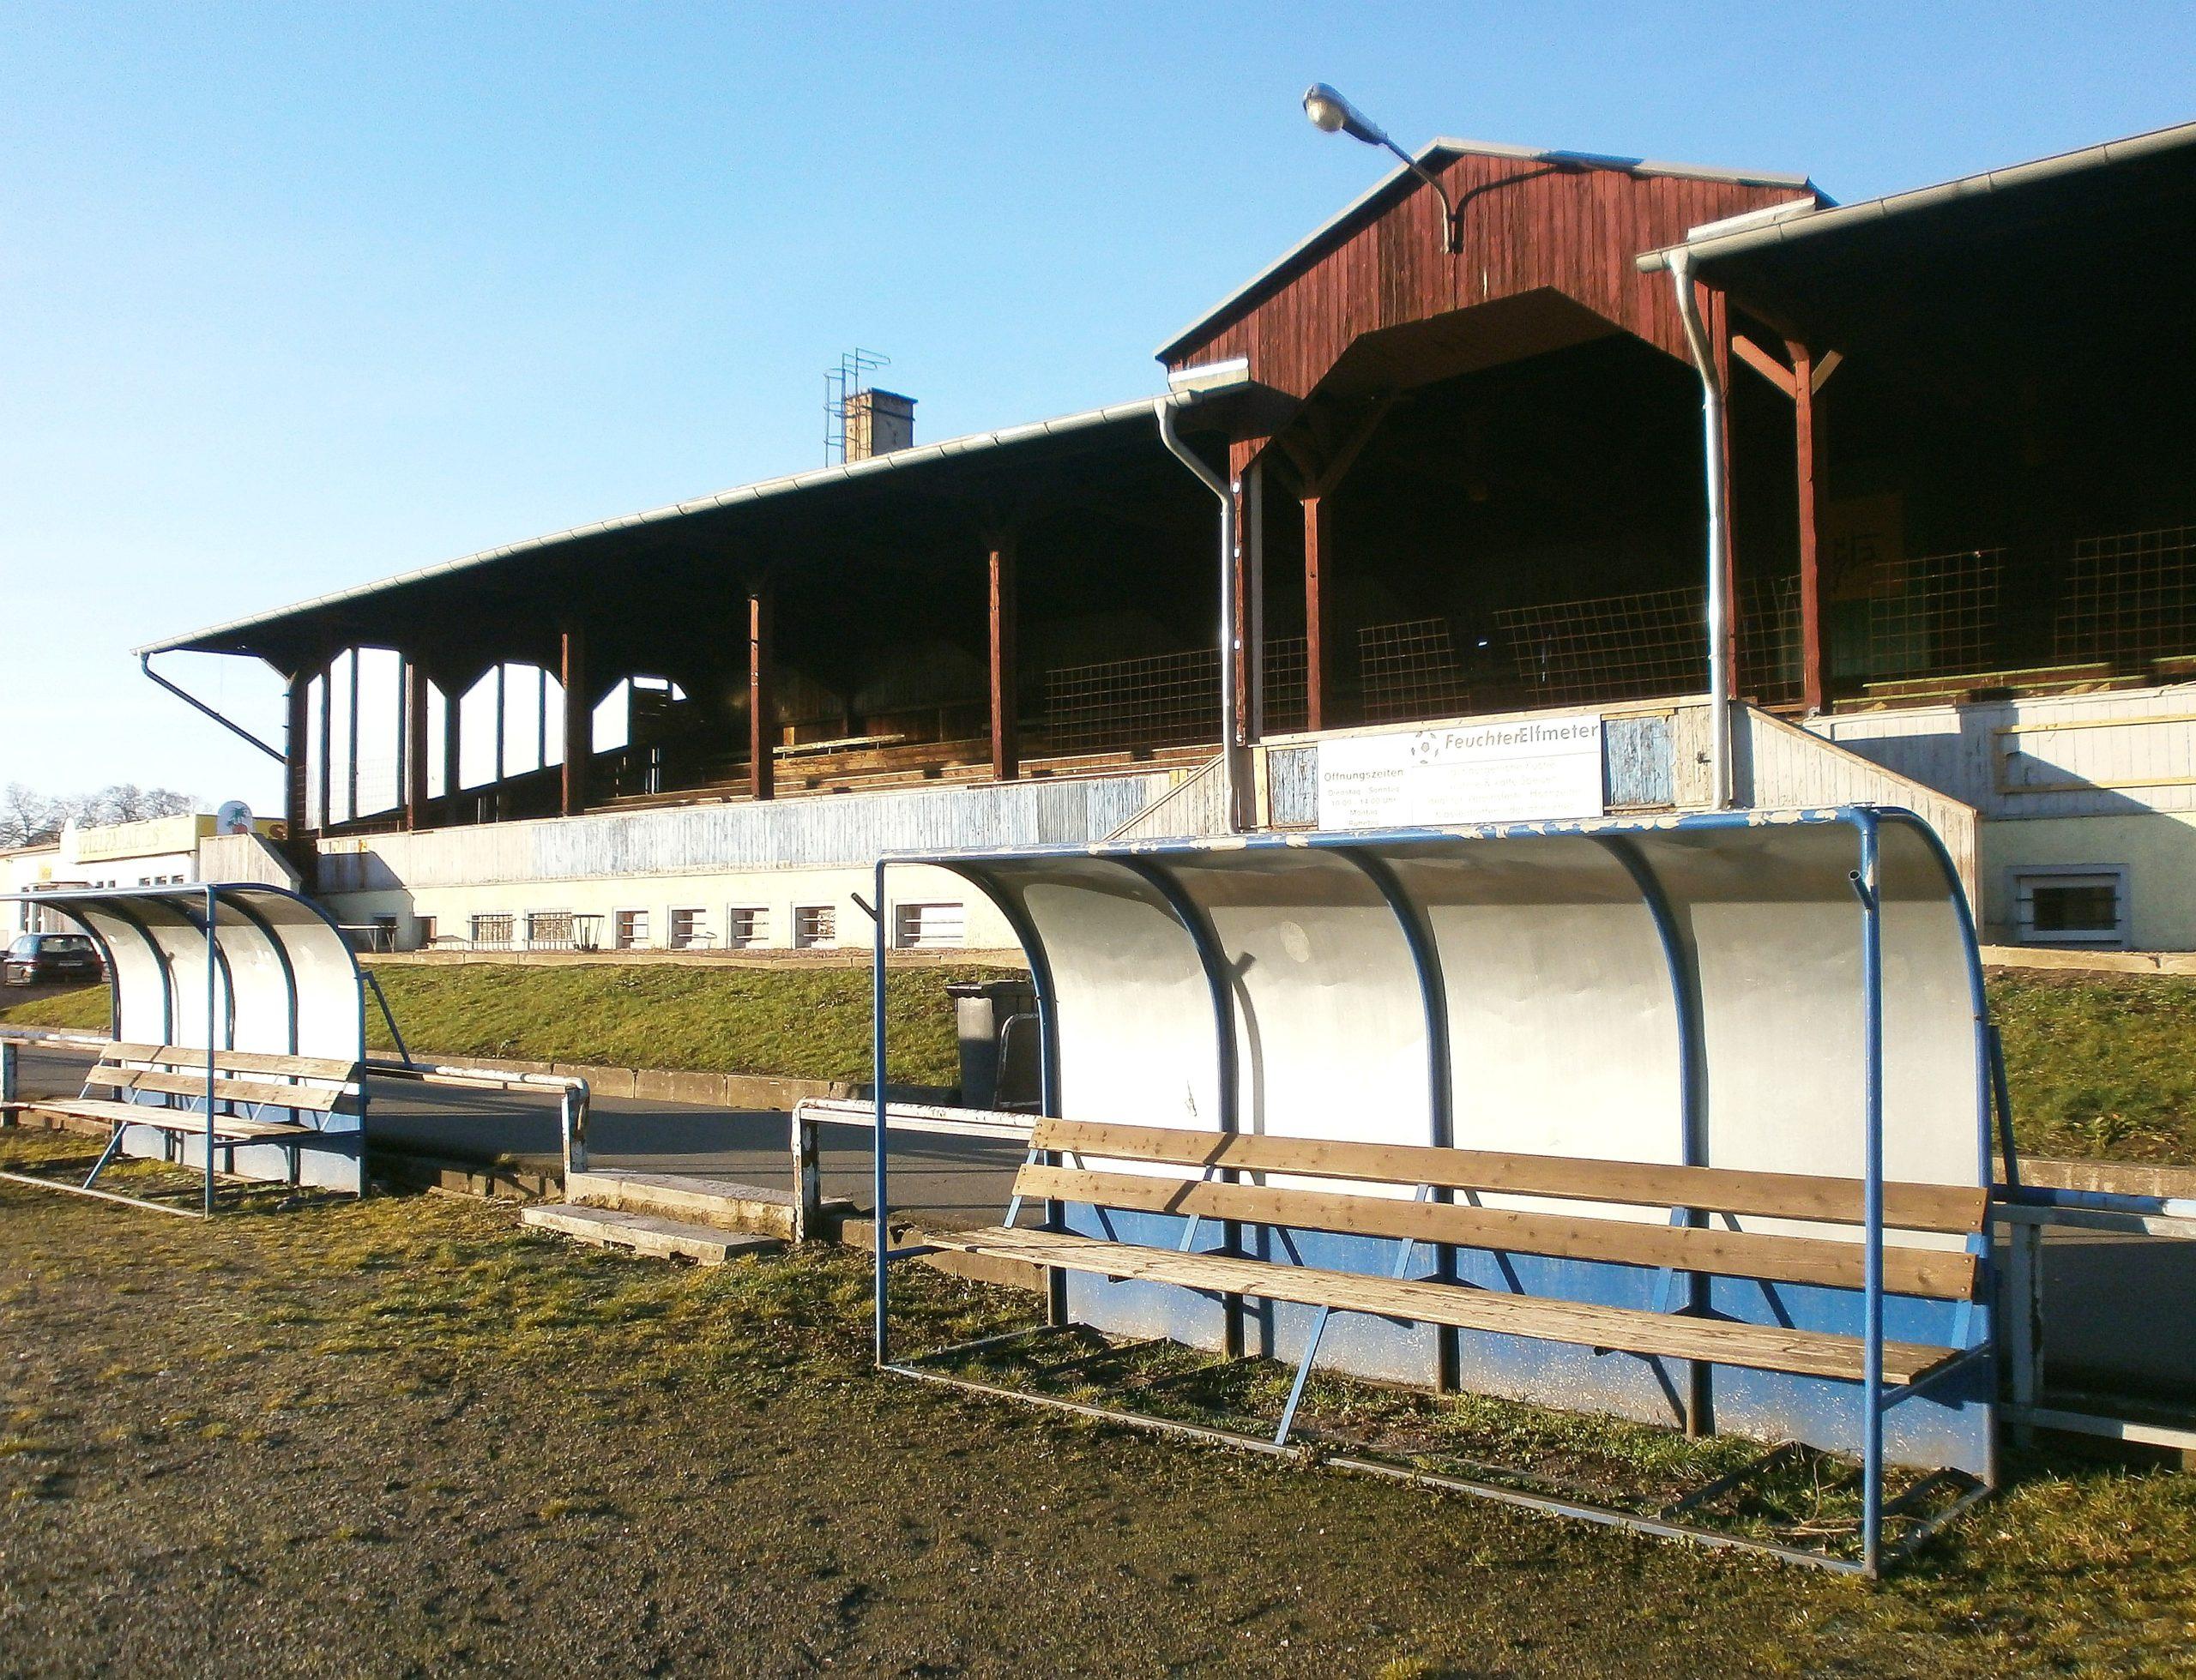 Die Tribüne in Rudisleben ist nicht die älteste Thüringens - die steht auf dem Boxberg in Gotha